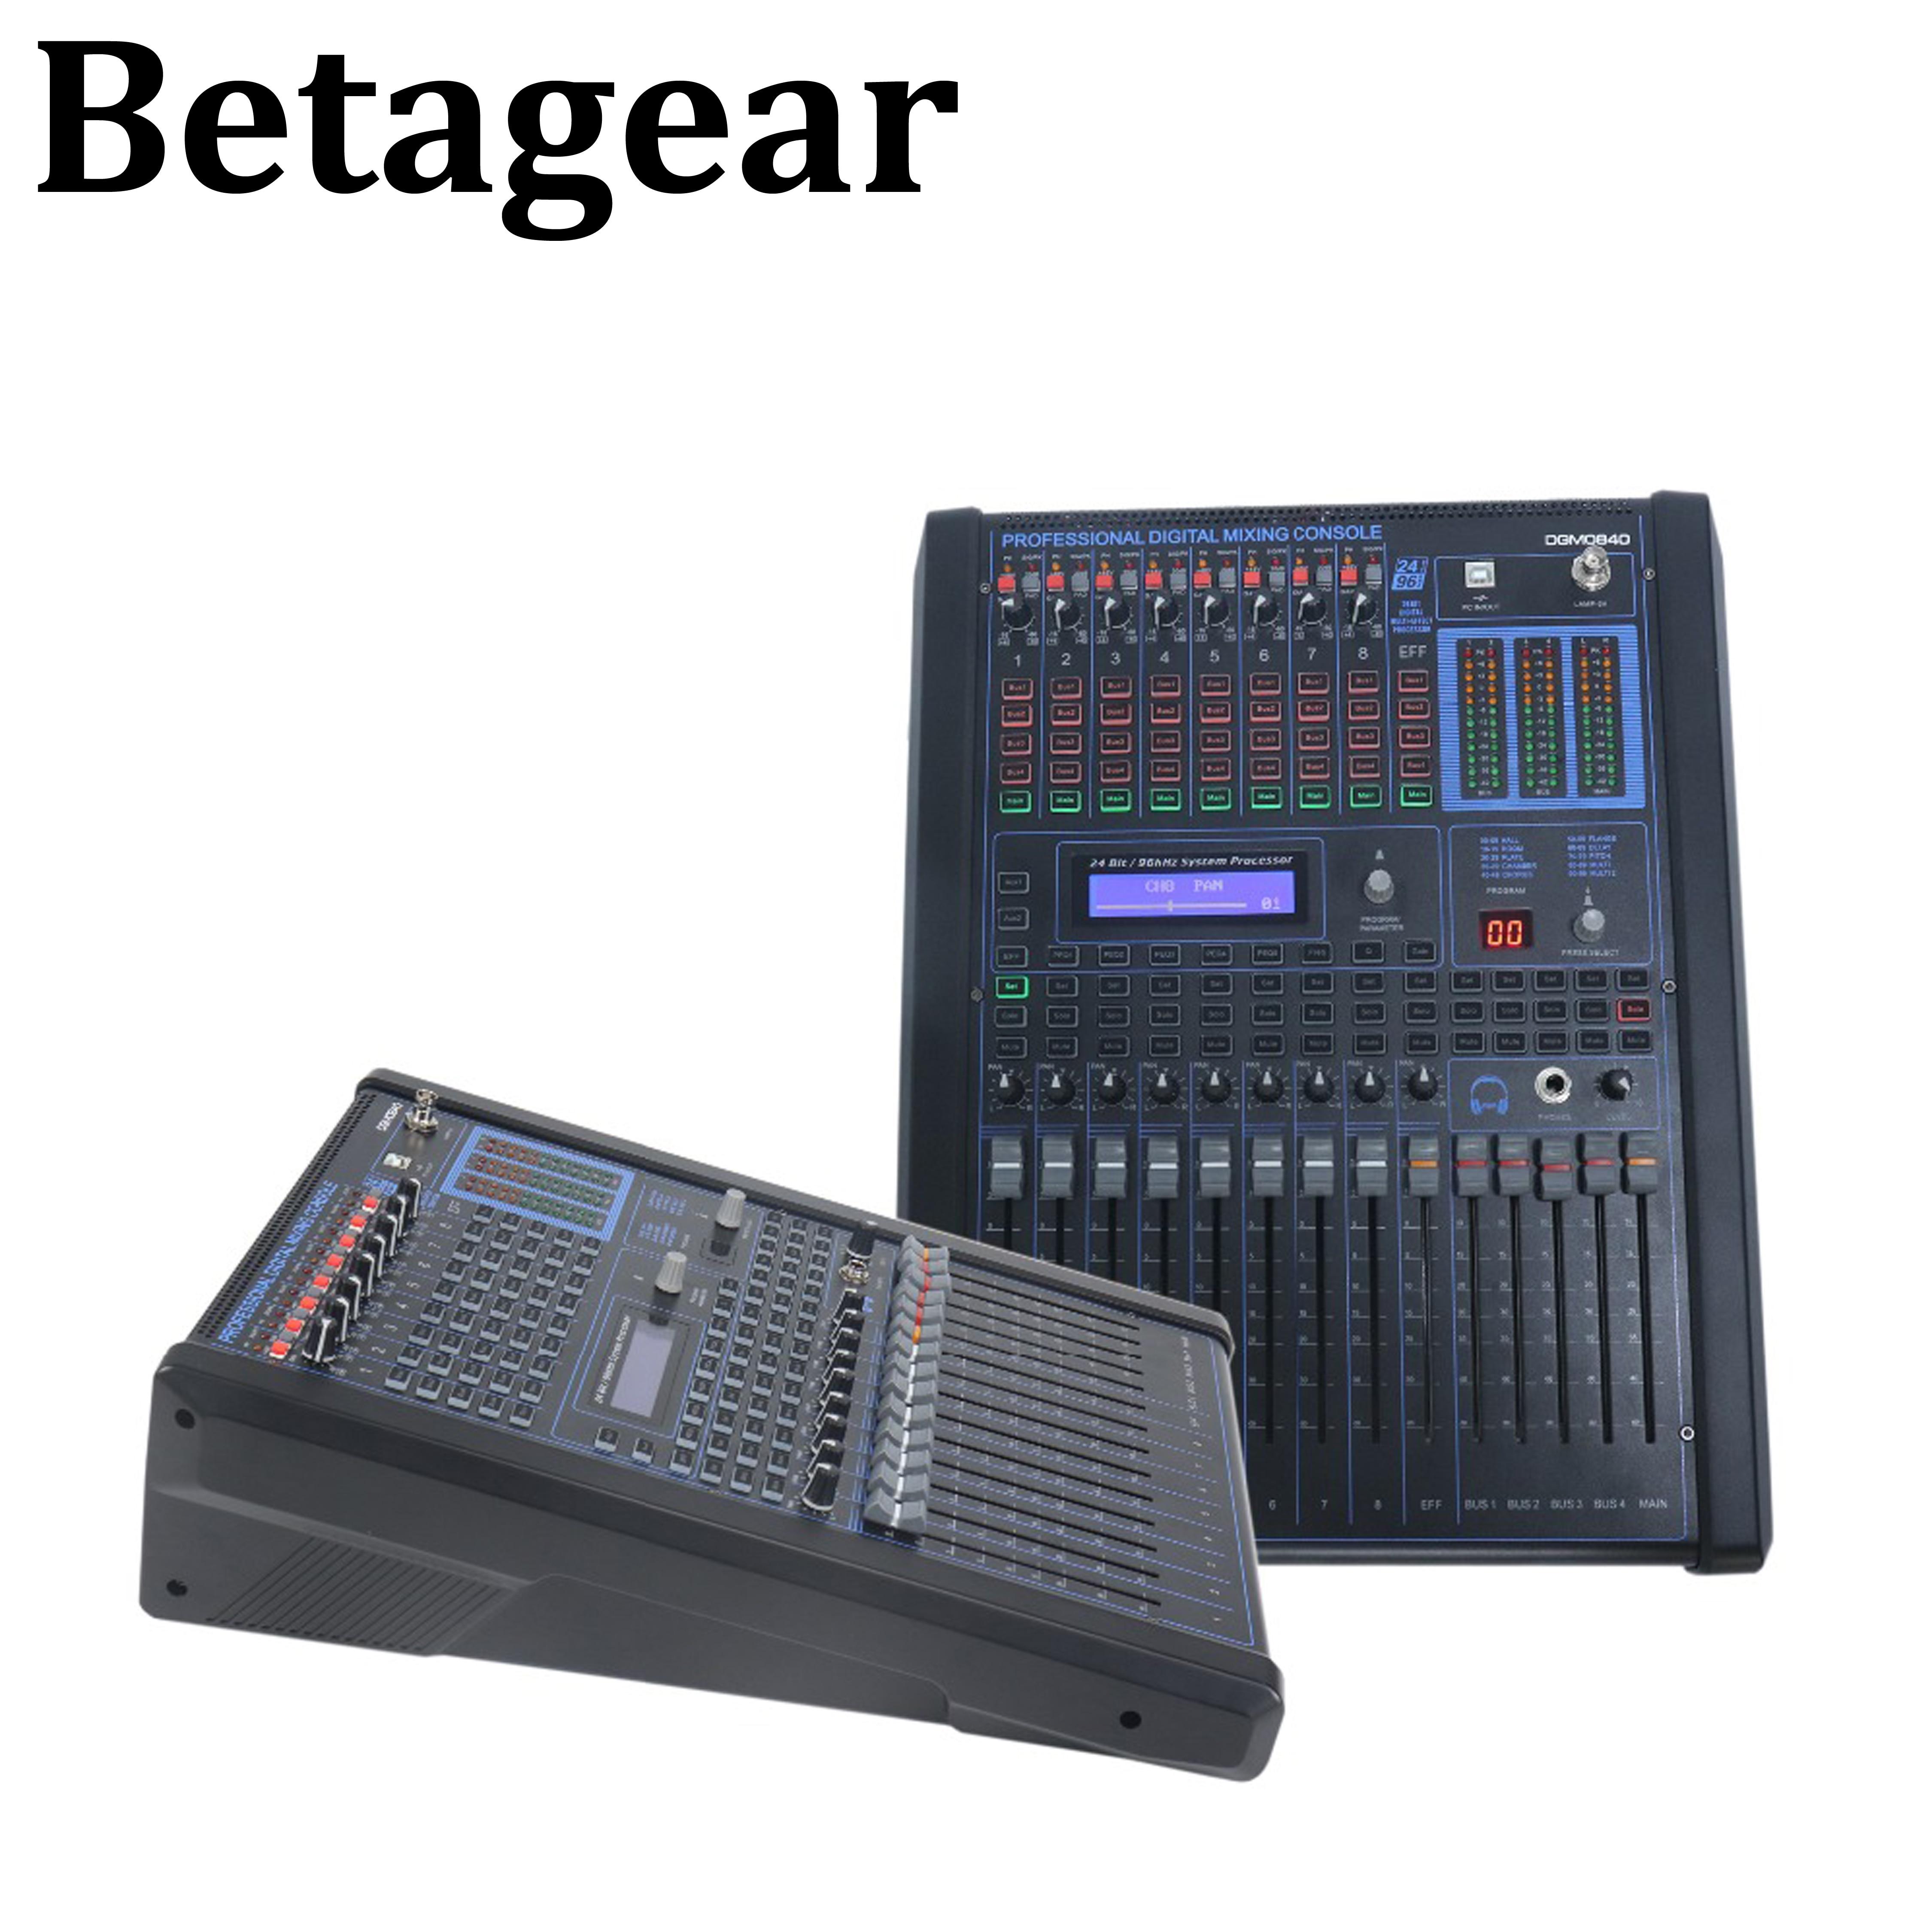 Betagear-خلاط صوت رقمي احترافي ، وحدة تحكم DGM0840 ، خط مجموعة ، مكبر صوت dj ، خلاط صوت رقمي ، صوت احترافي